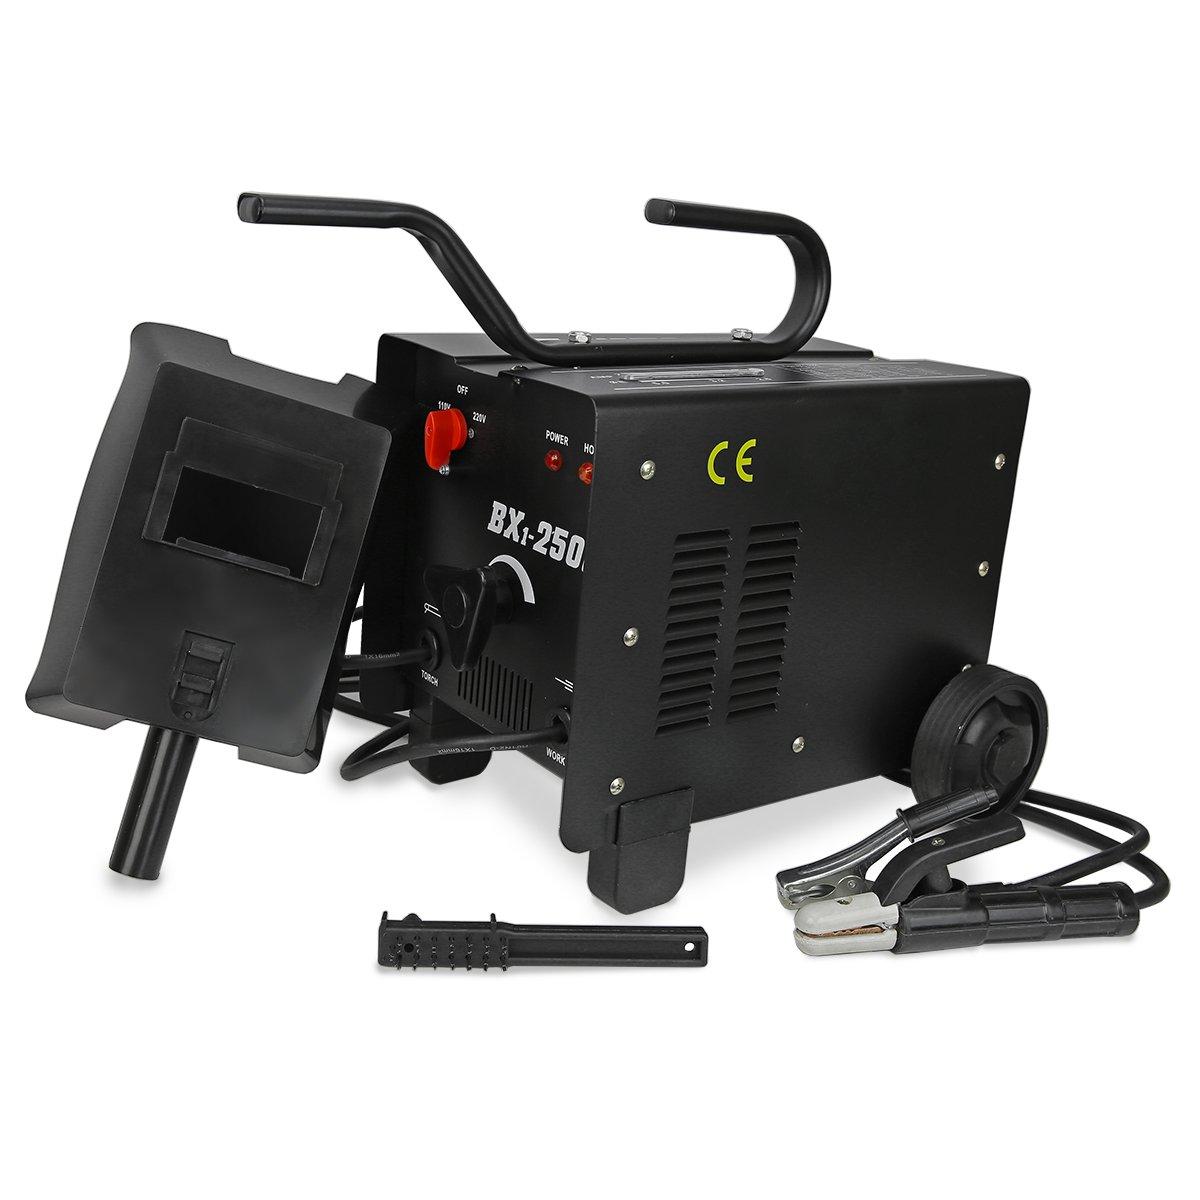 XtremepowerUS 250 AMP Arc Welder Welding Machine With Accessories by XtremepowerUS (Image #1)